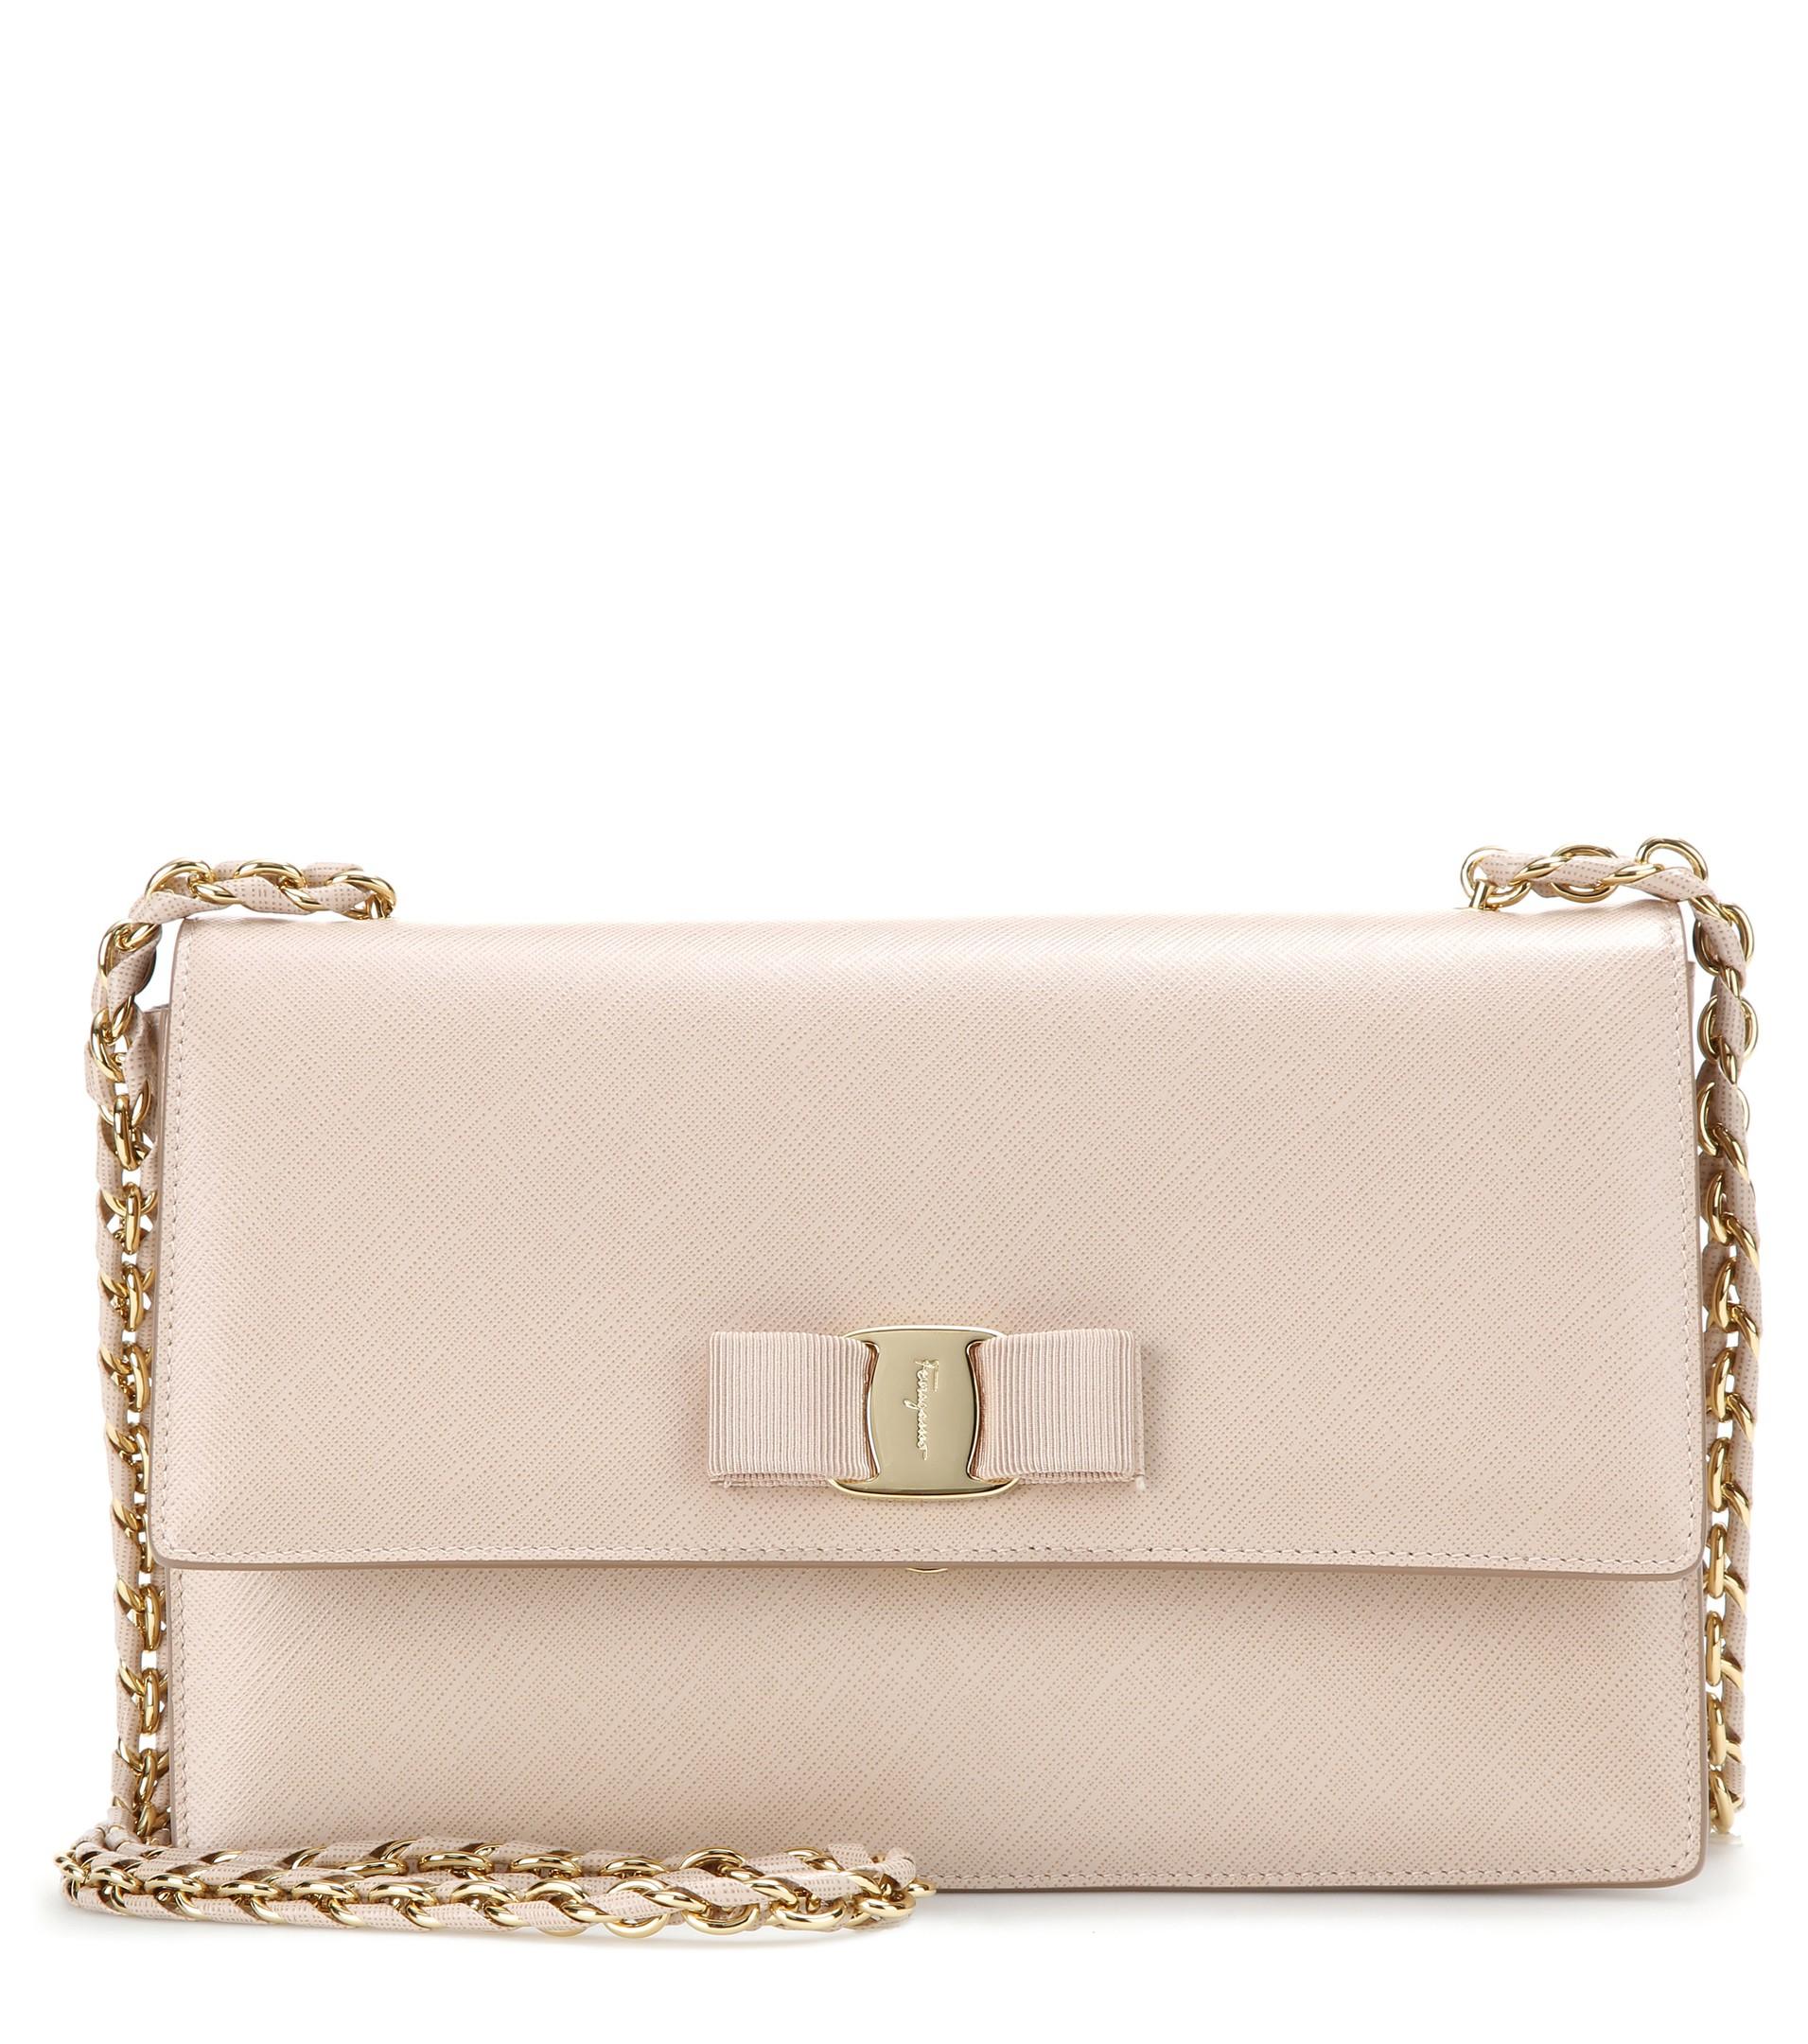 b5f83daa035d Lyst - Ferragamo Ginny Leather Shoulder Bag in Pink